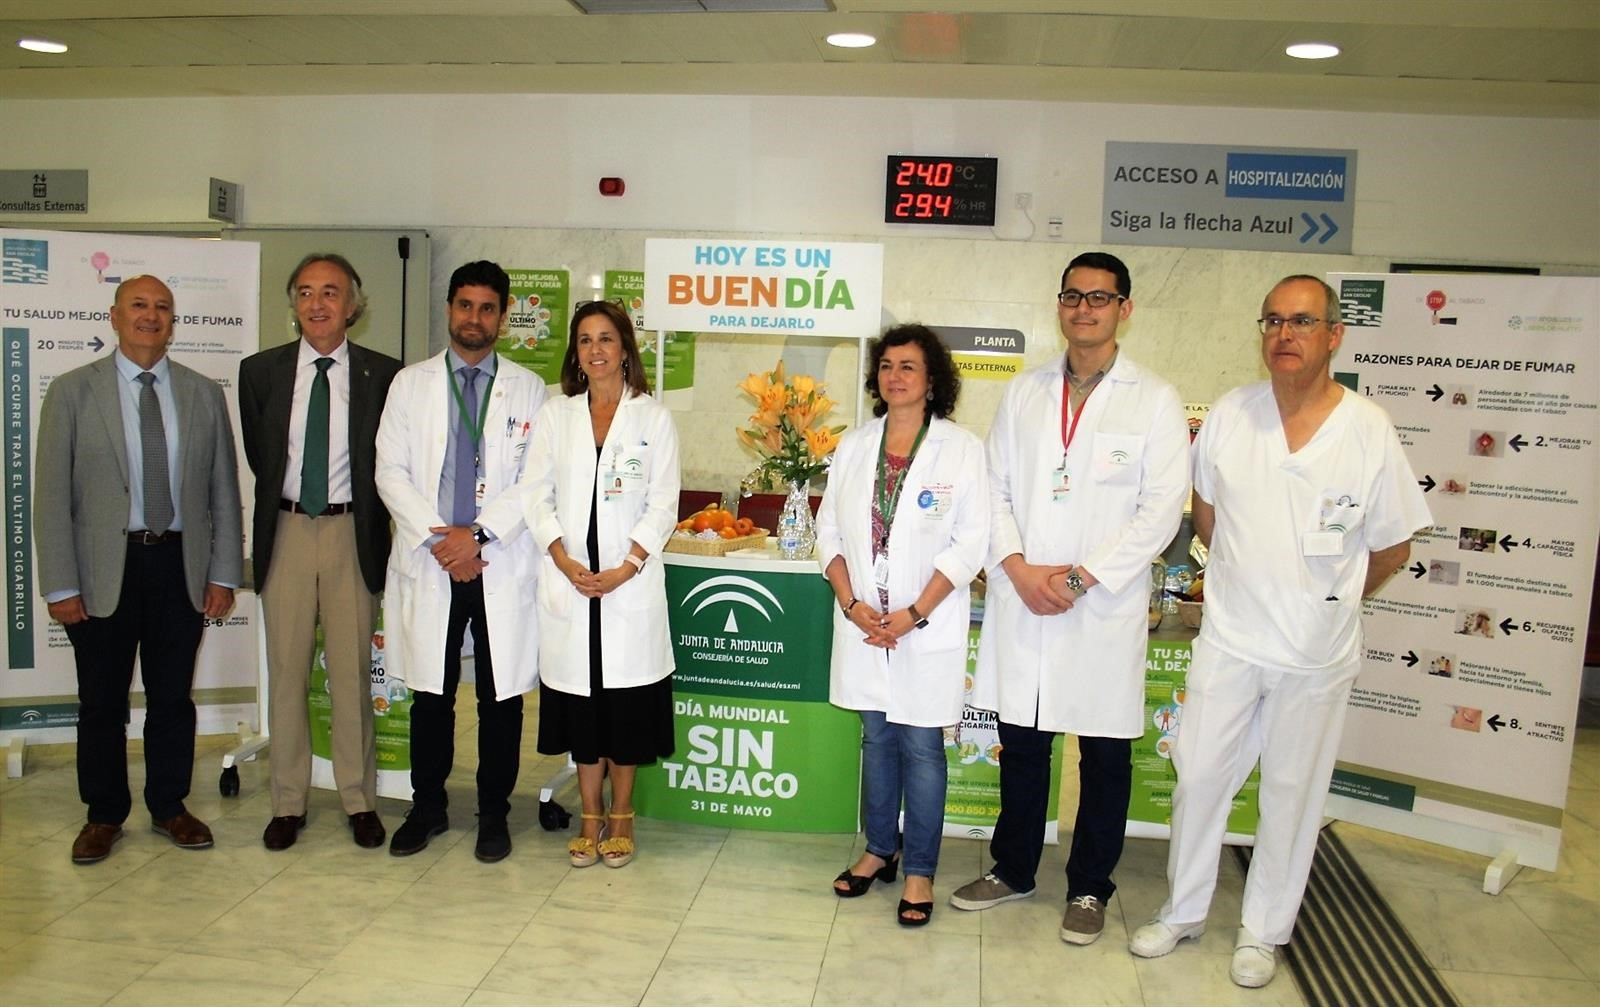 El Hospital San Cecilio anima a sus usuarios a liberar sus pulmones de humo